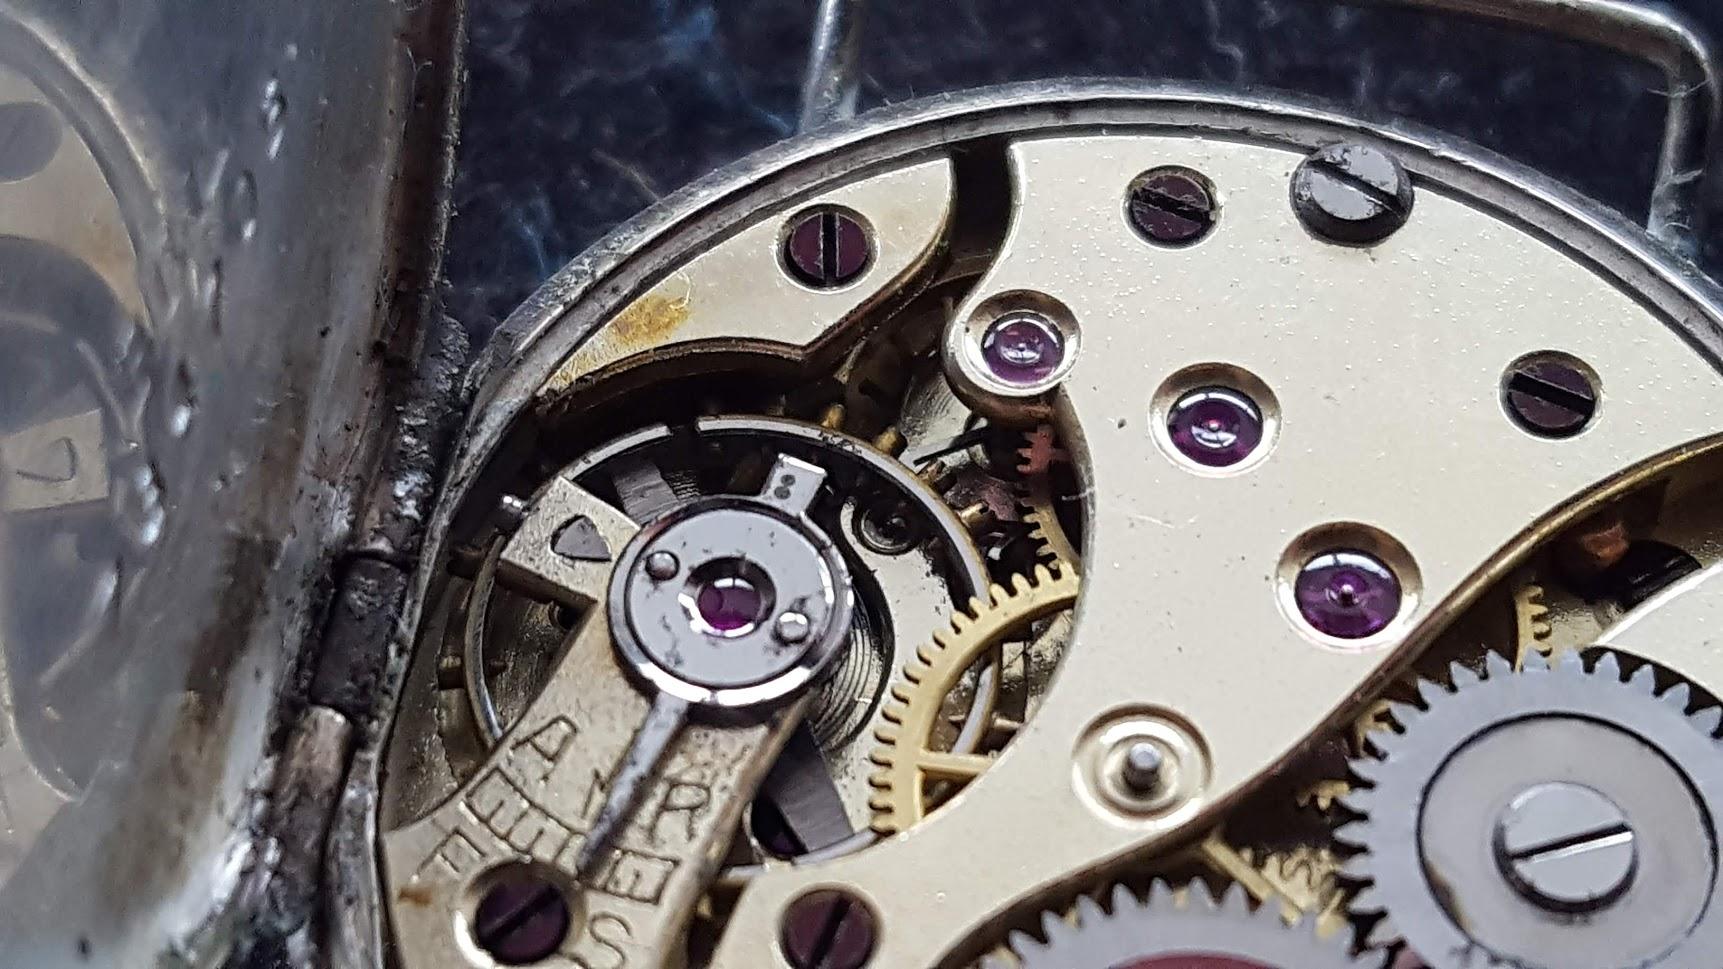 Calibre 20.3 Lip 1er mouvement montre bracelet manufacturé par LIPMANN en 1899